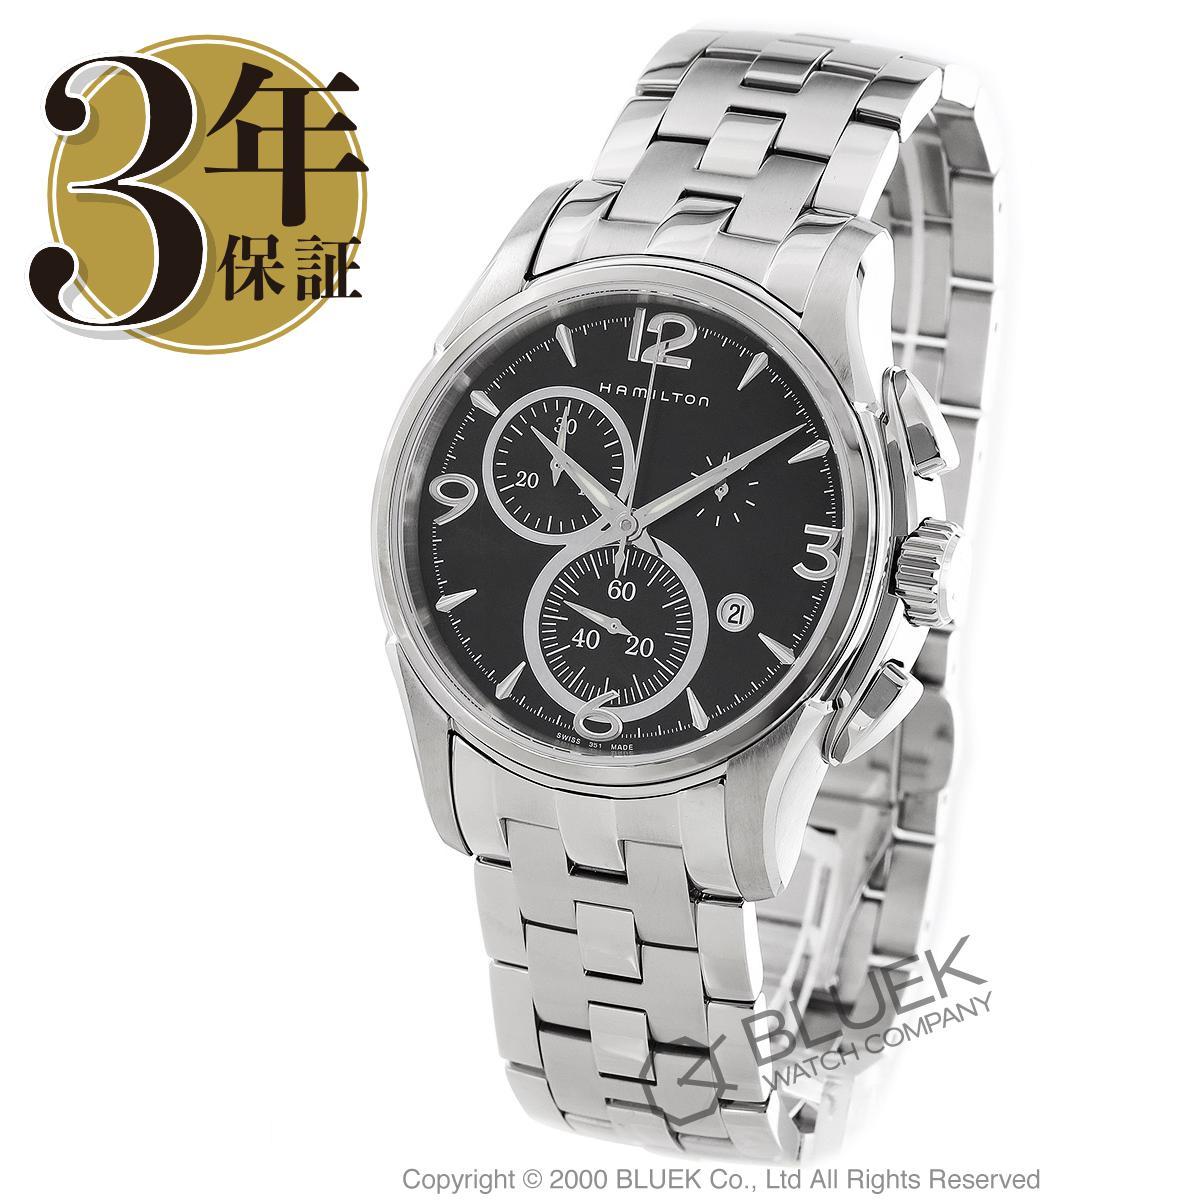 【1,000円OFFクーポン対象】ハミルトン ジャズマスター クロノクオーツ クロノグラフ 腕時計 メンズ HAMILTON H32612135_8